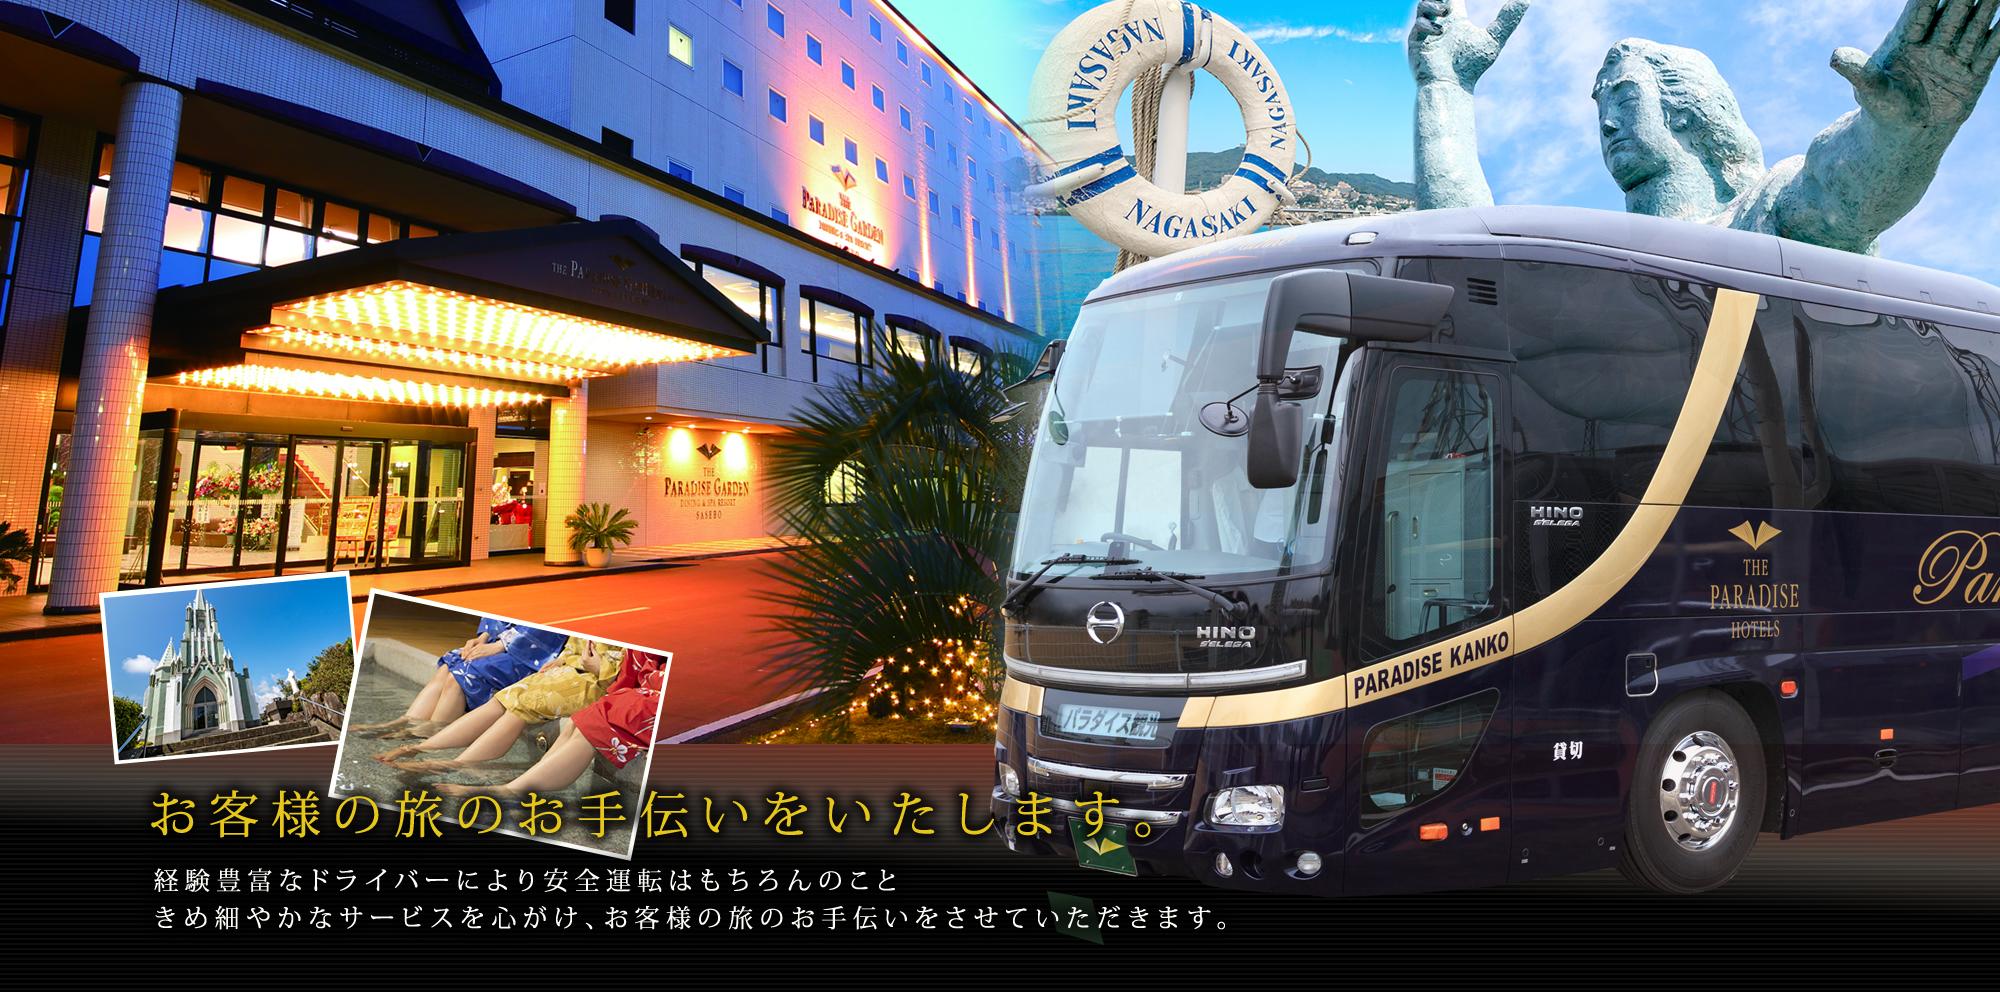 バス ツアー コロナ